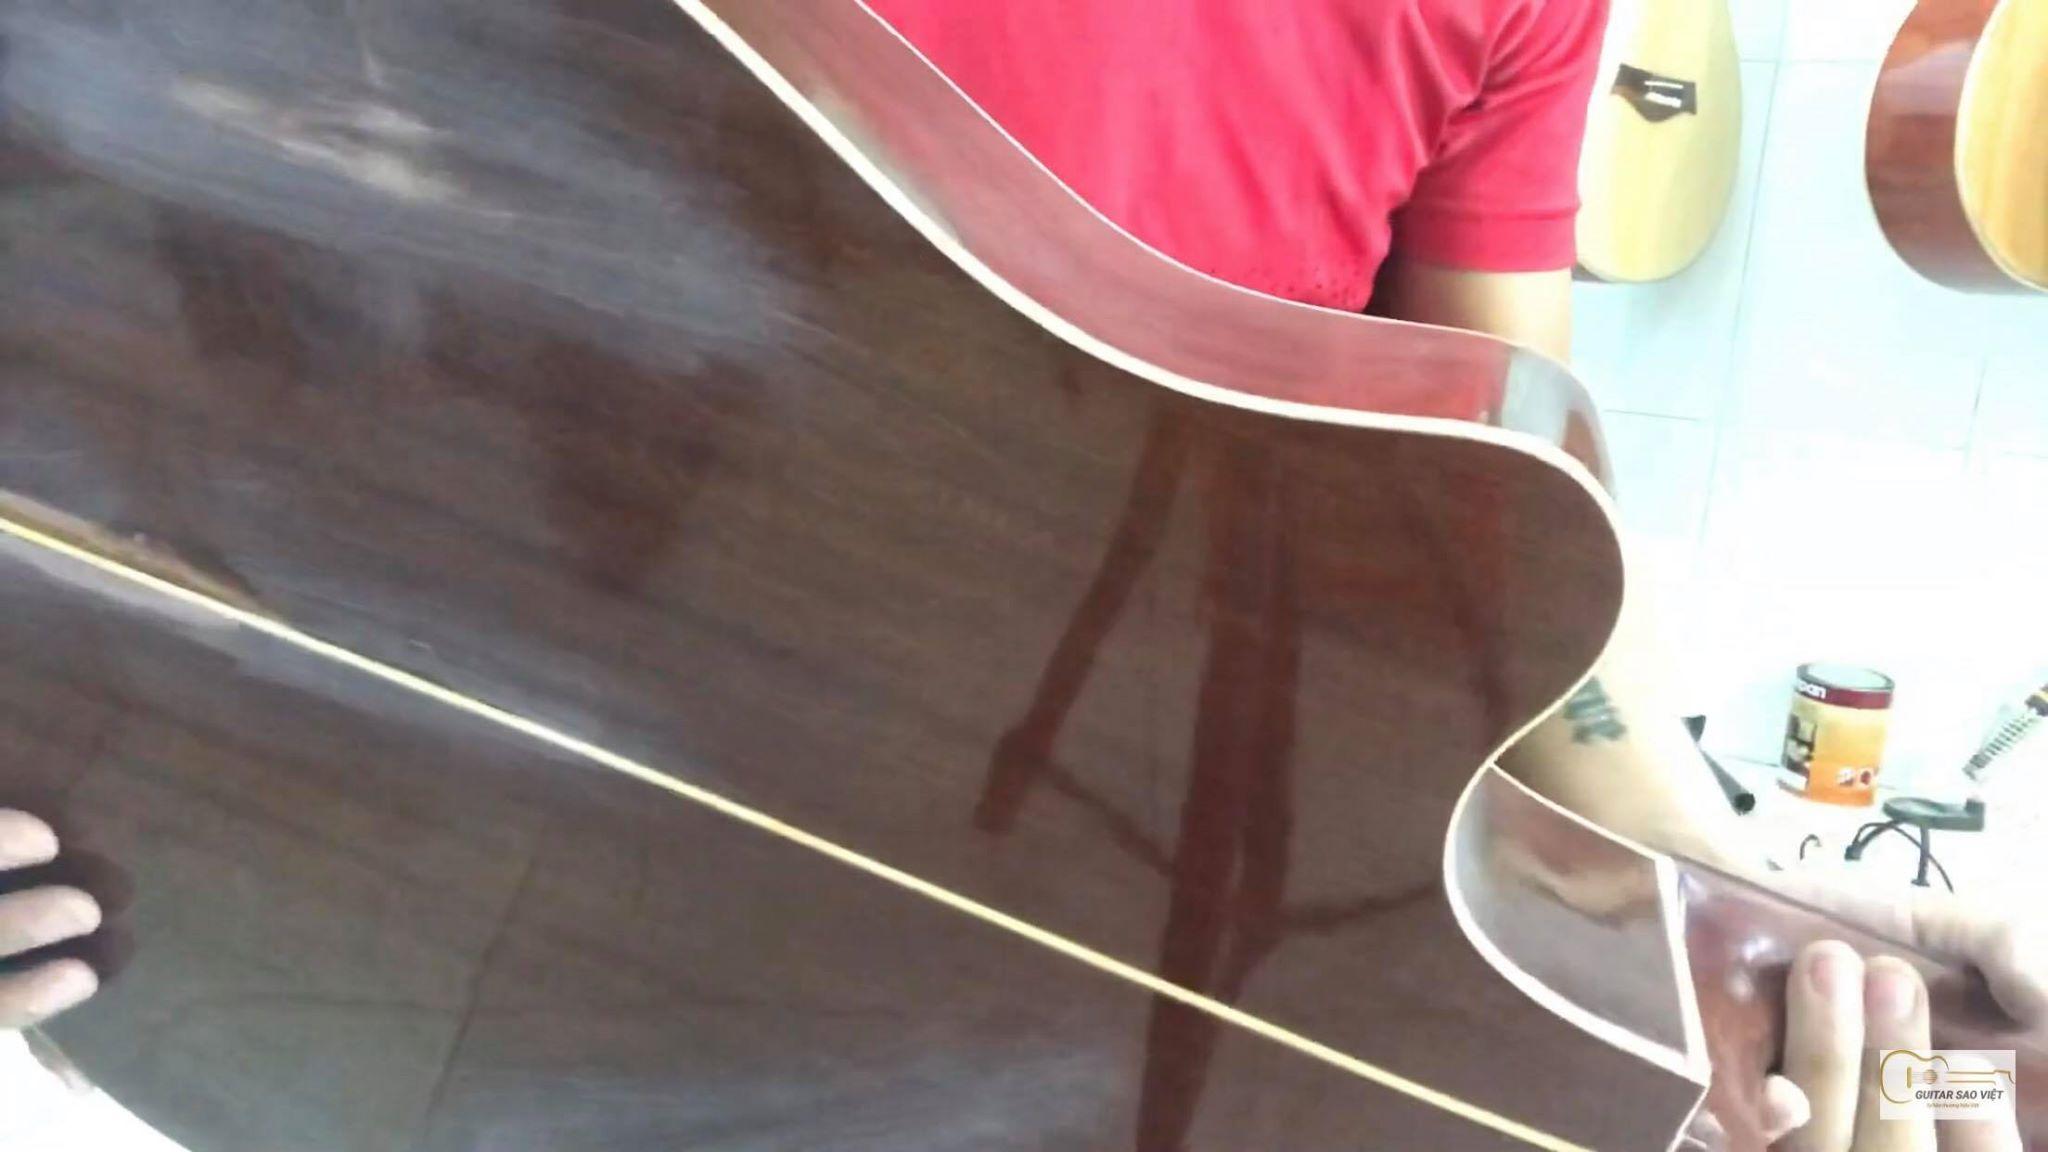 Đàn guitar bị cũ bị nứt và trầy xước